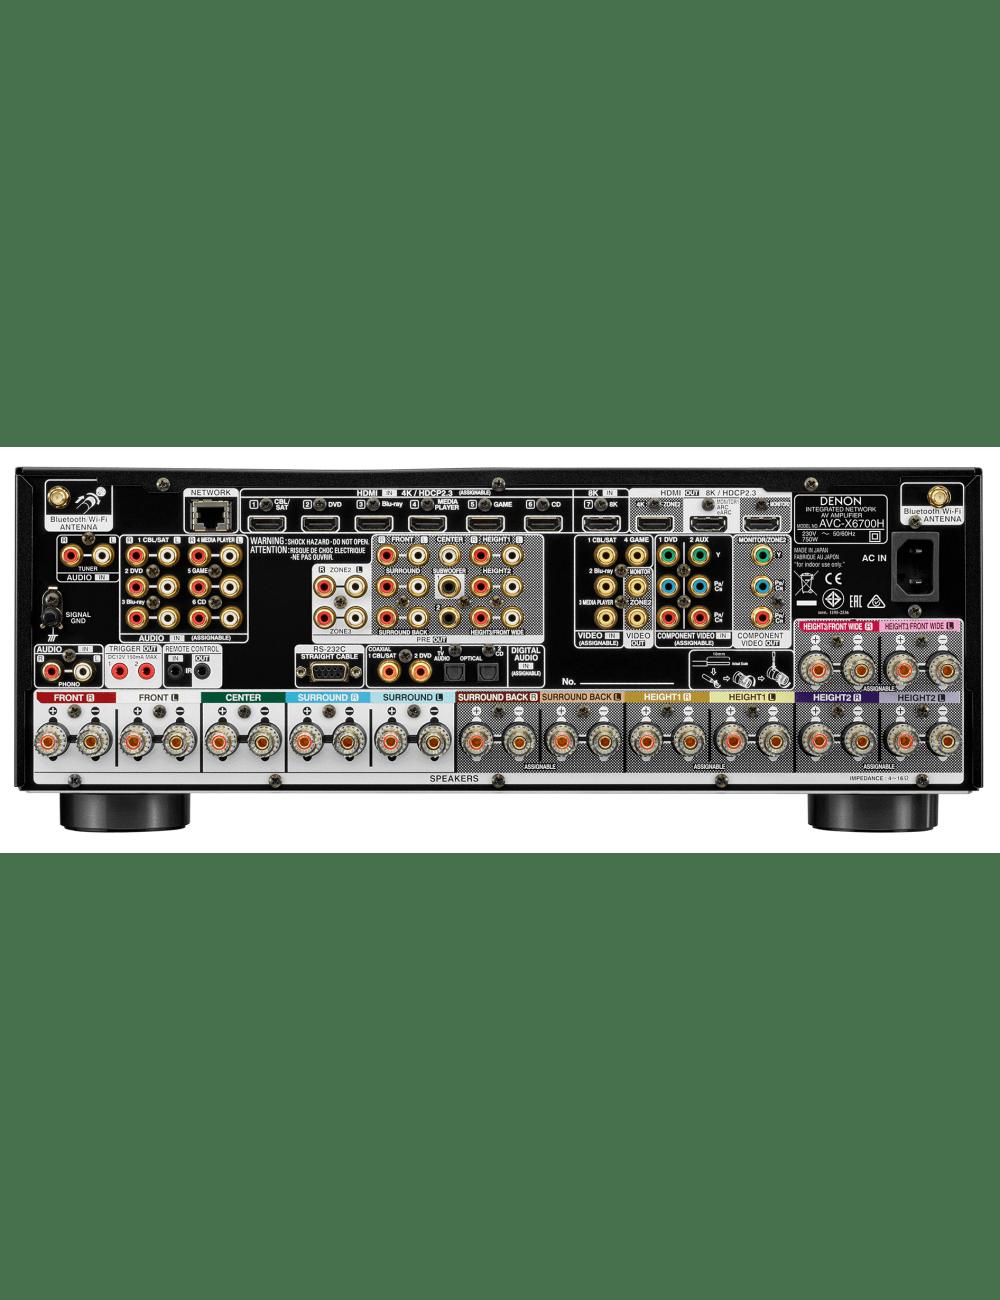 Sintoamplificatore AV 11.2 canali 8K Ultra HD con Audio 3D e HEOS, Denon AVR-X6700H, pannello connessioni